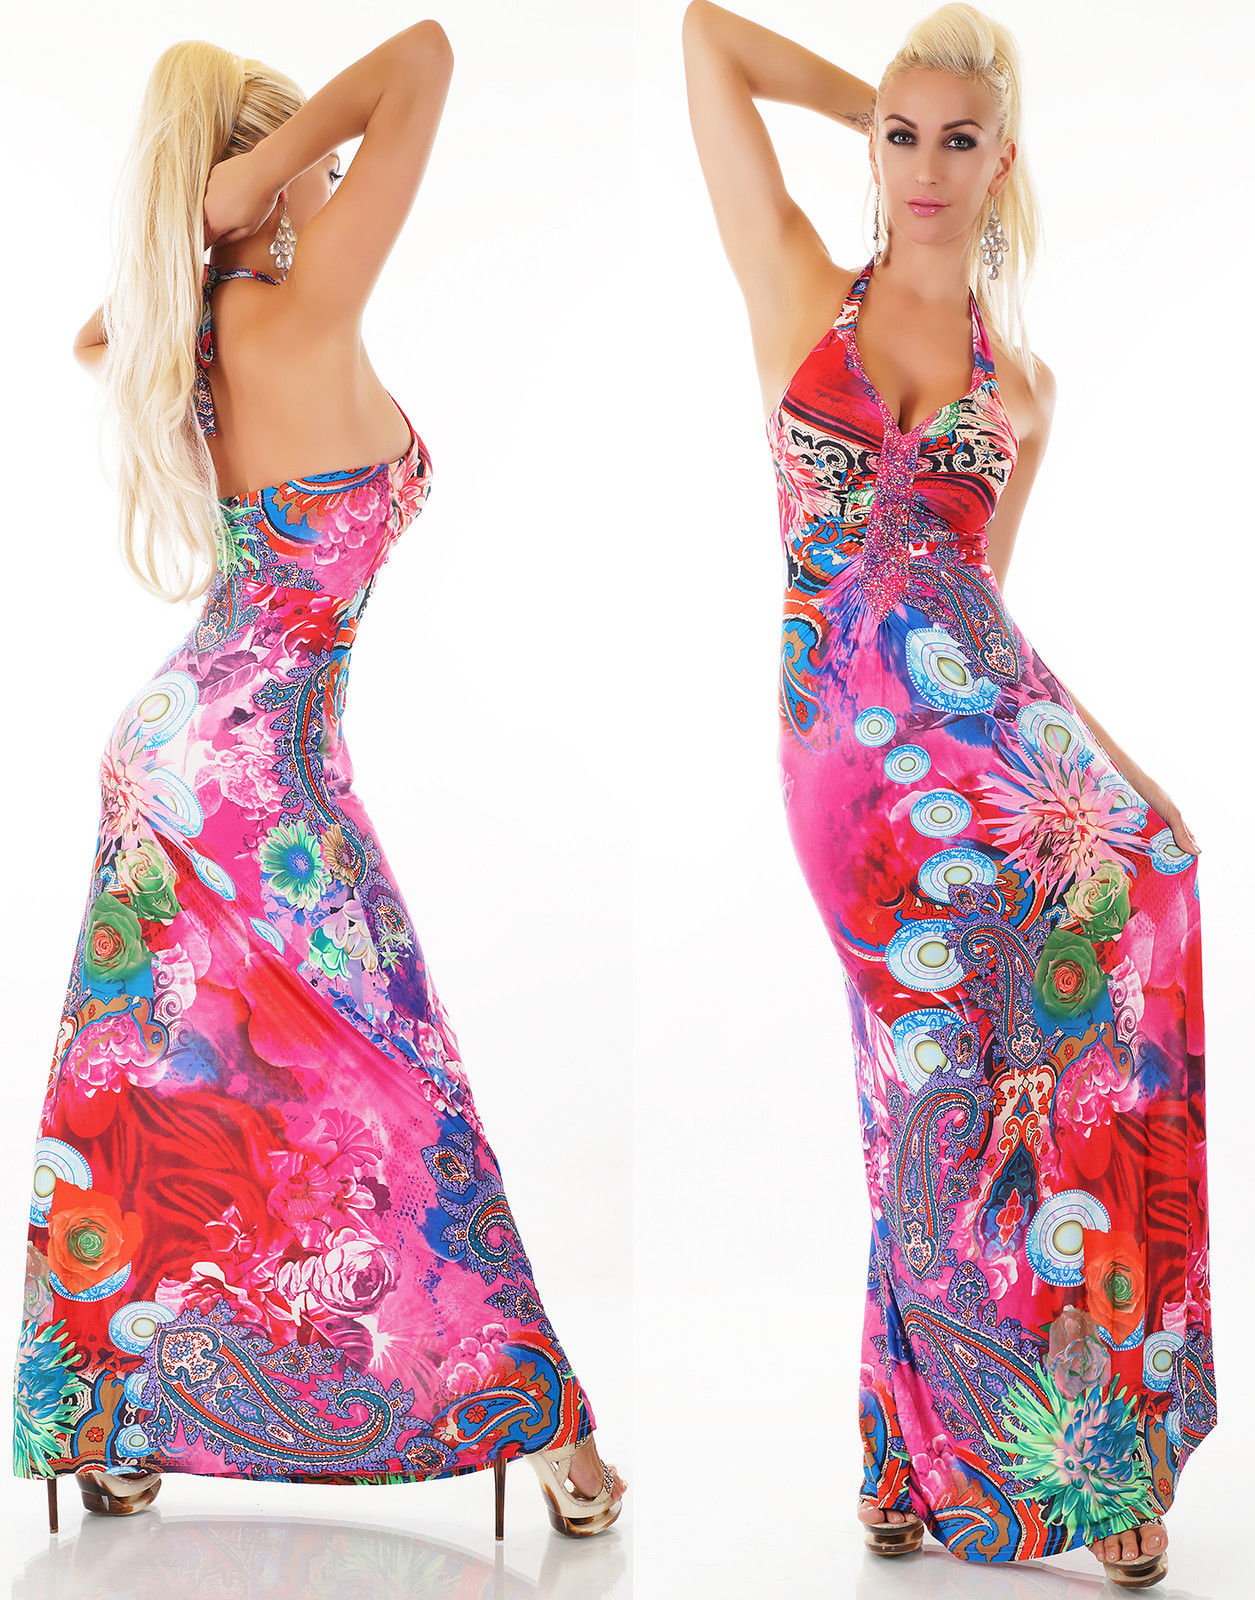 eb4fa5280fb Dámské šaty dlouhé F GIRL růžová Dámské šaty dlouhé F GIRL růžová empty